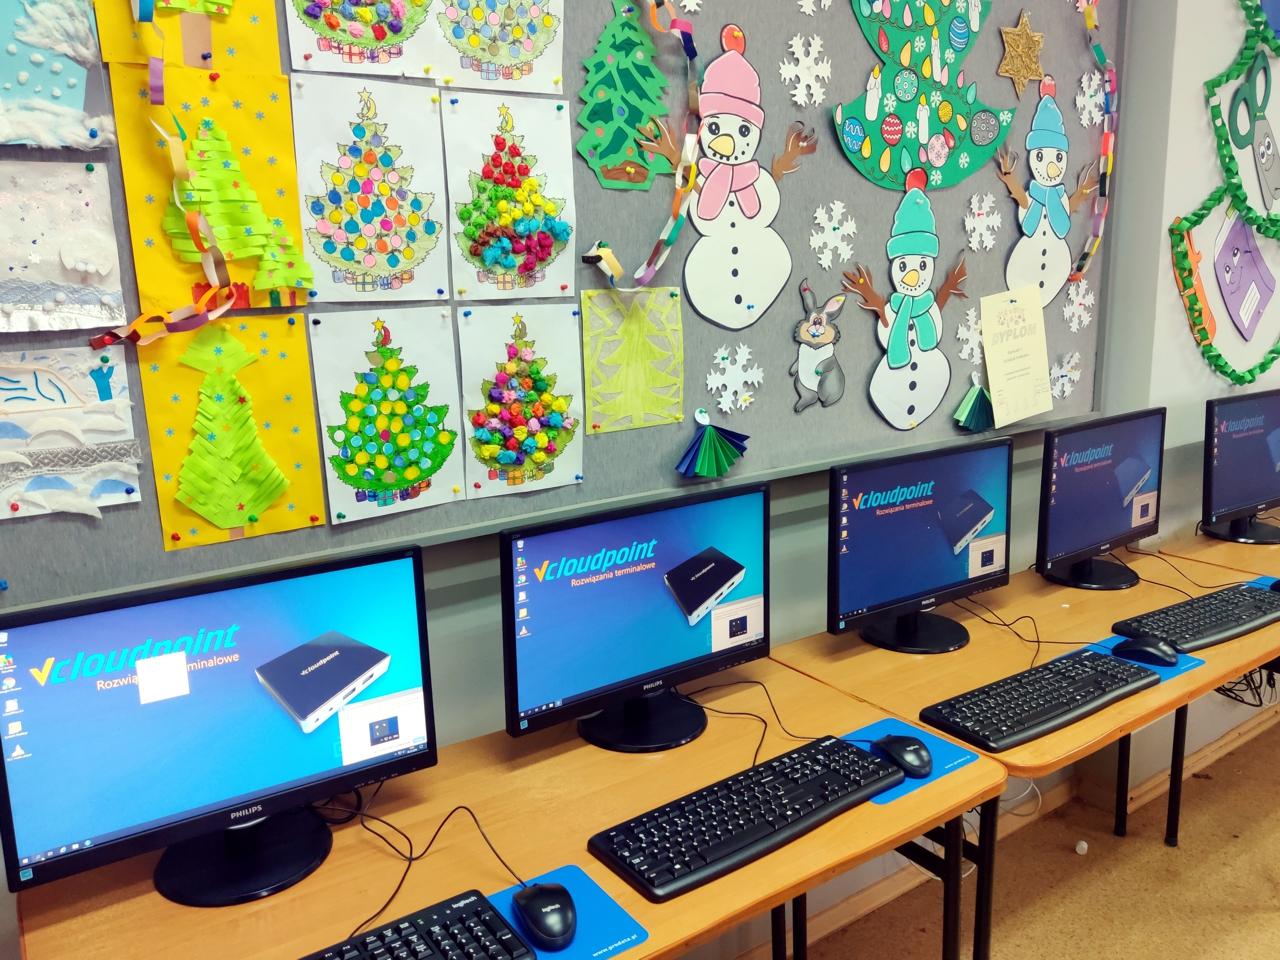 Pracownia terminalowa - komputerowe stanowiska terminalowe w Szkole Podstawowej w Lenartowicach